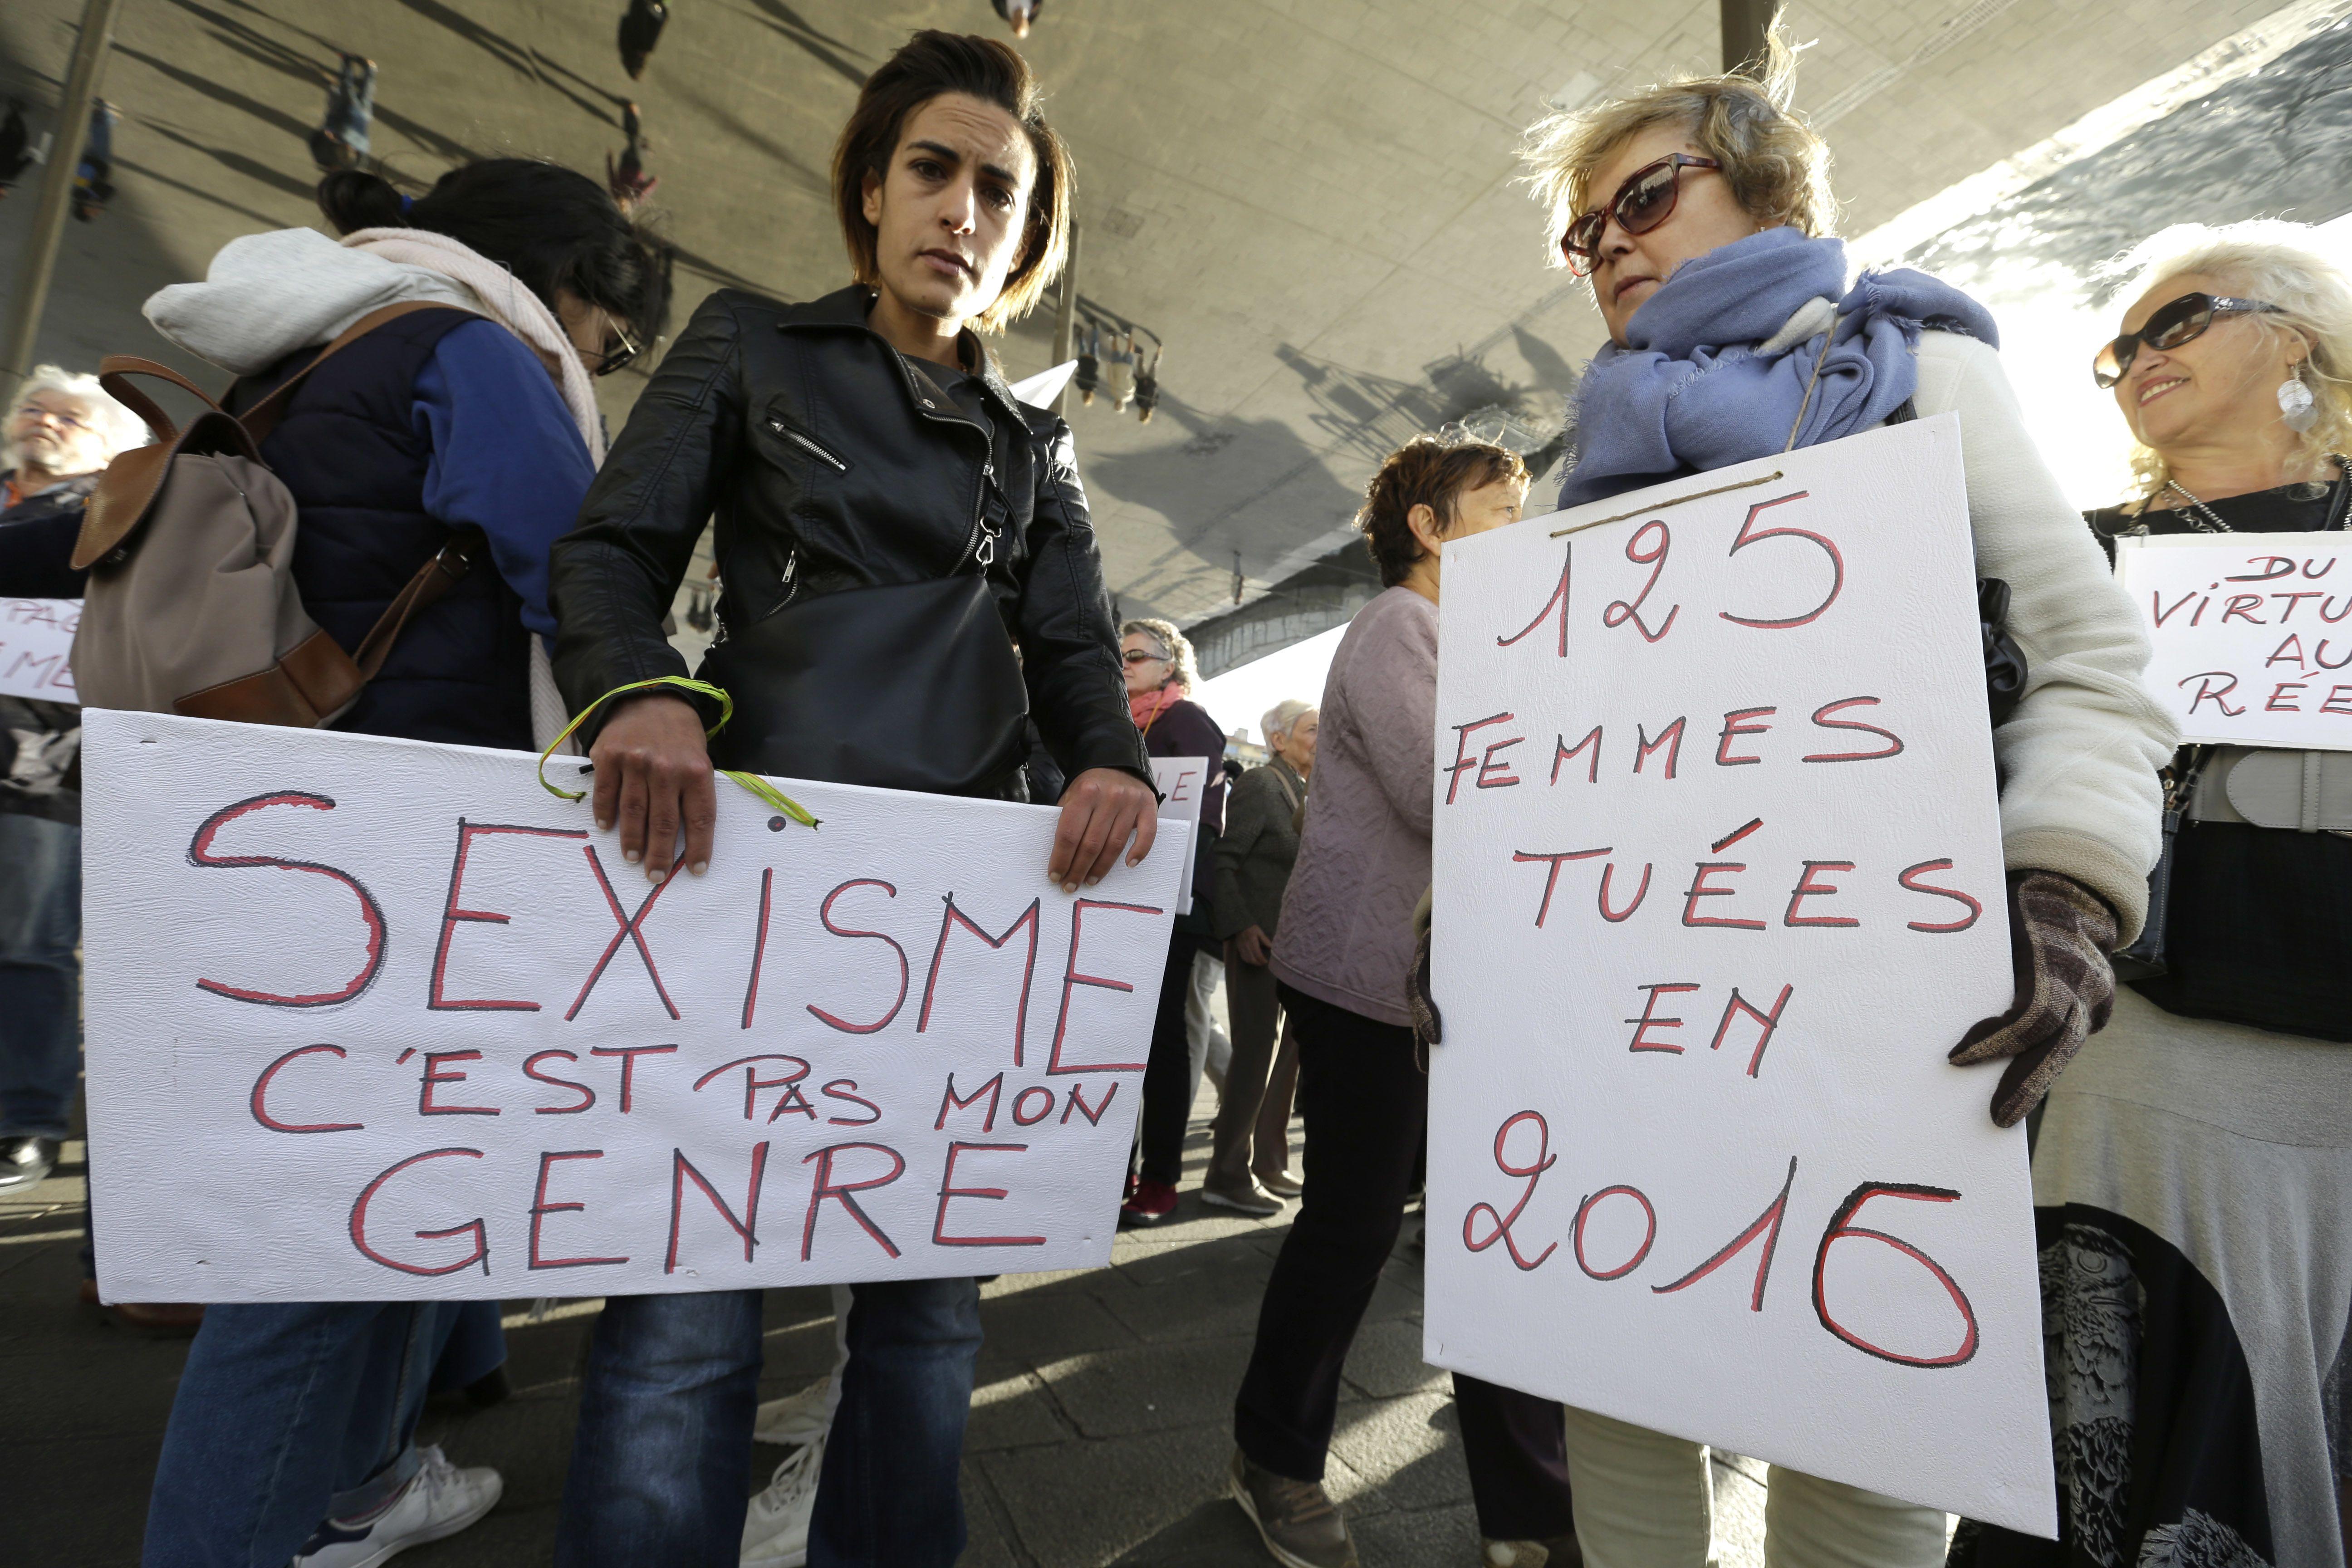 Contra Sexismo Lanza En Francia Campaña Anuncios bIyvYf76g